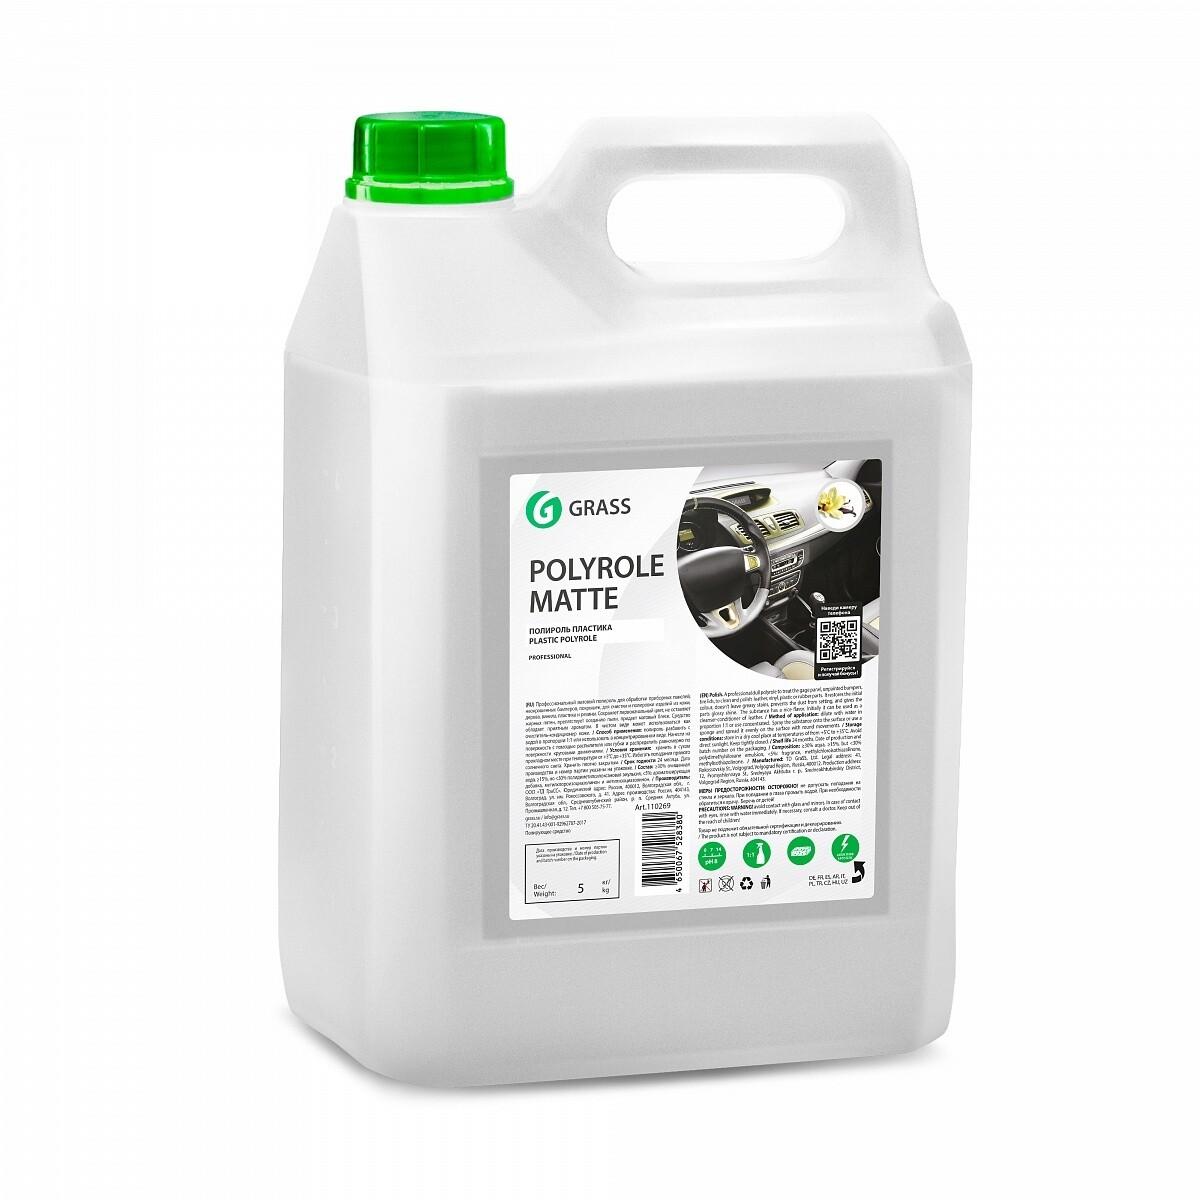 """Полироль-очиститель пластика """"Polyrole Matte"""" матовый блеск  с ароматом ванили, 5 кг"""